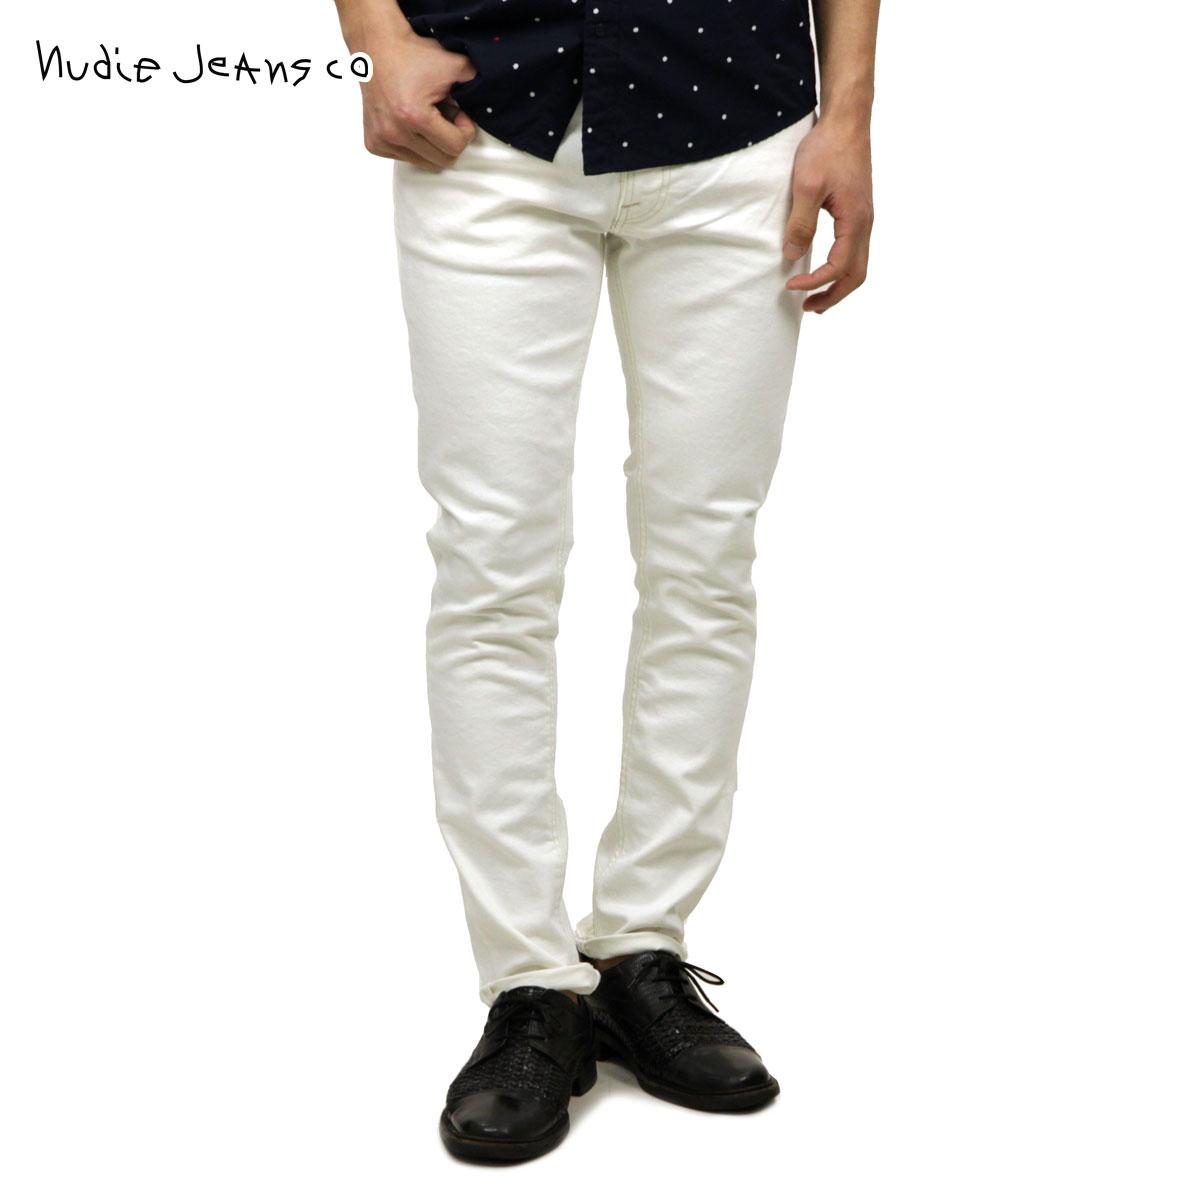 ヌーディージーンズ Nudie Jeans 正規販売店 メンズ ジーンズ リーンディーン LEAN DEAN JEANS ECRU 225 1129050 1086